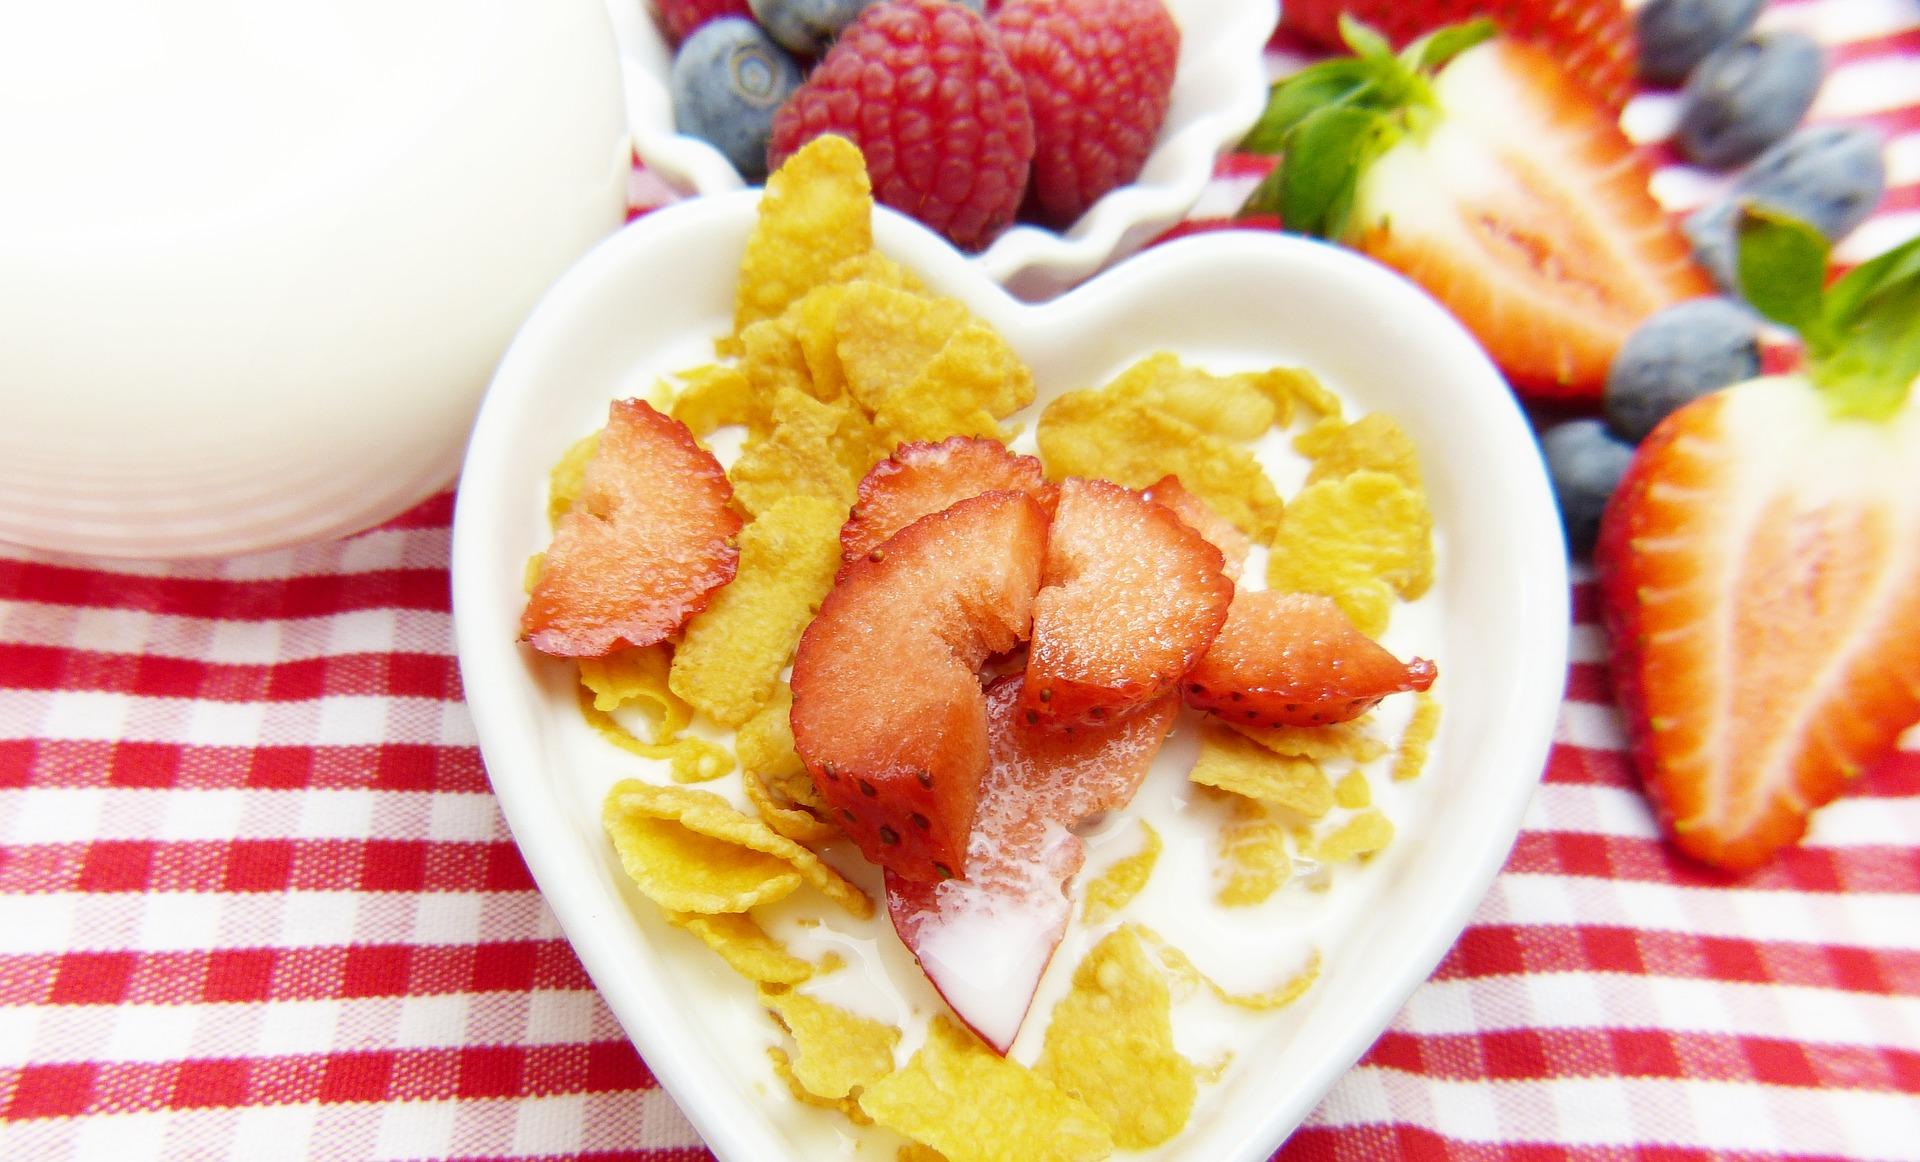 Il consumo di fruttosio come dolcificante e i suoi effetti sul metabolismo e sulla composizione corporea